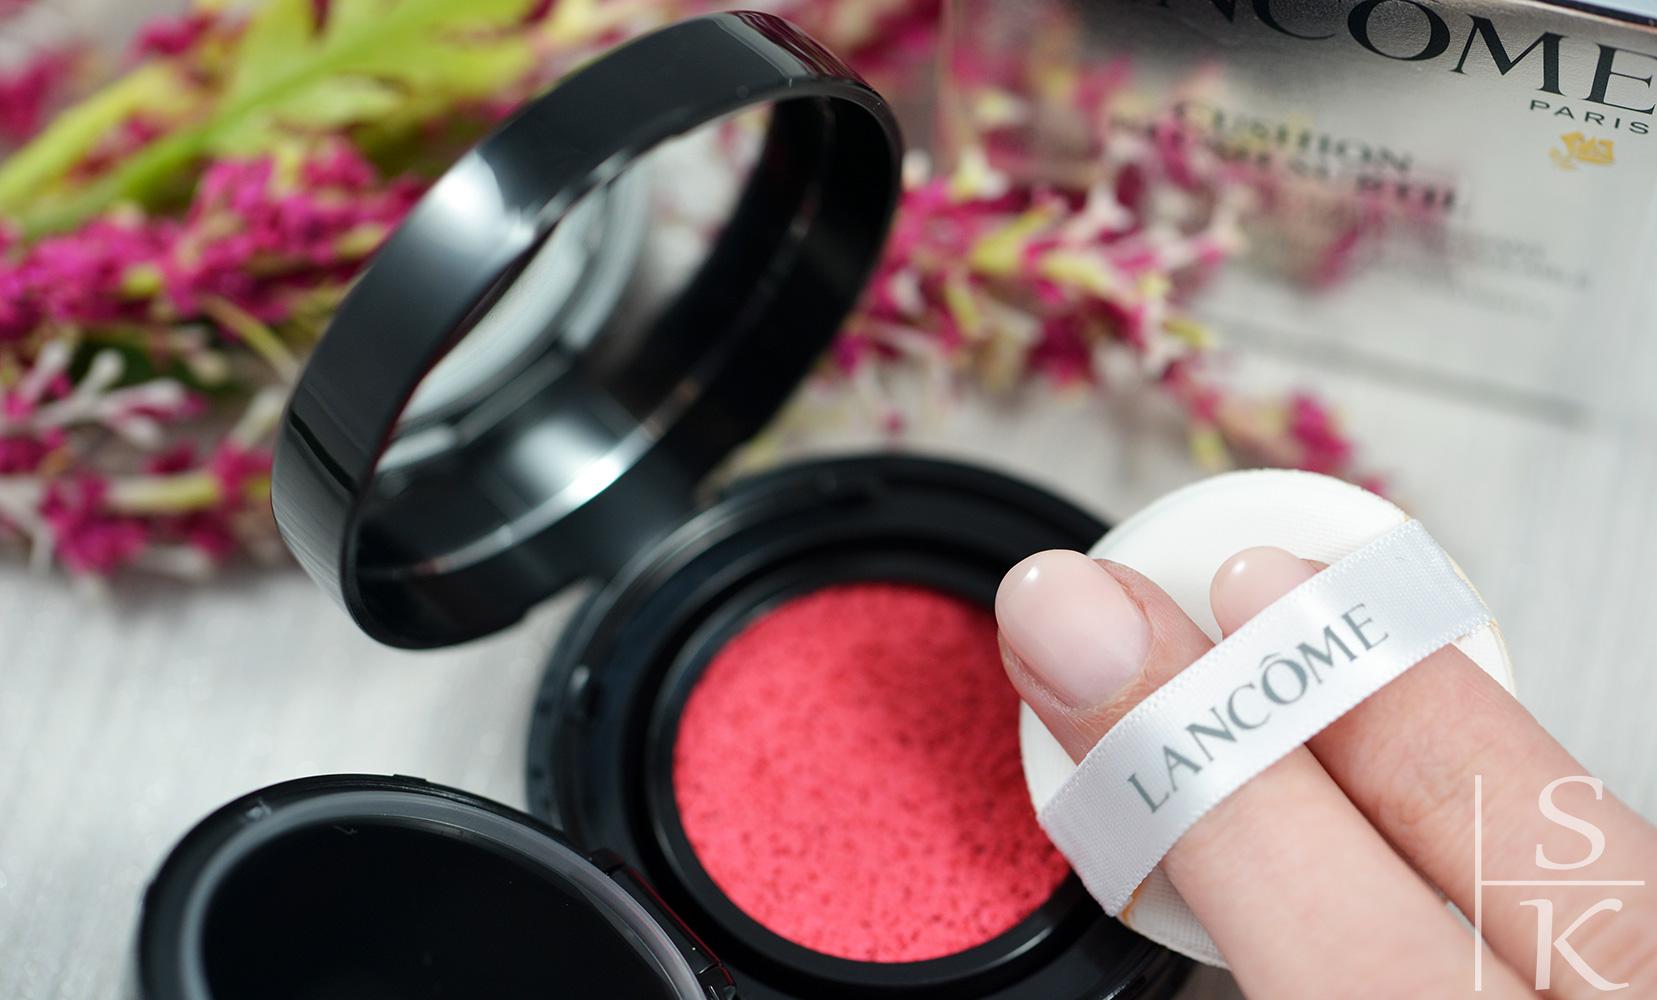 Lancôme - Cushion Blush 024 Sparkling Framboise